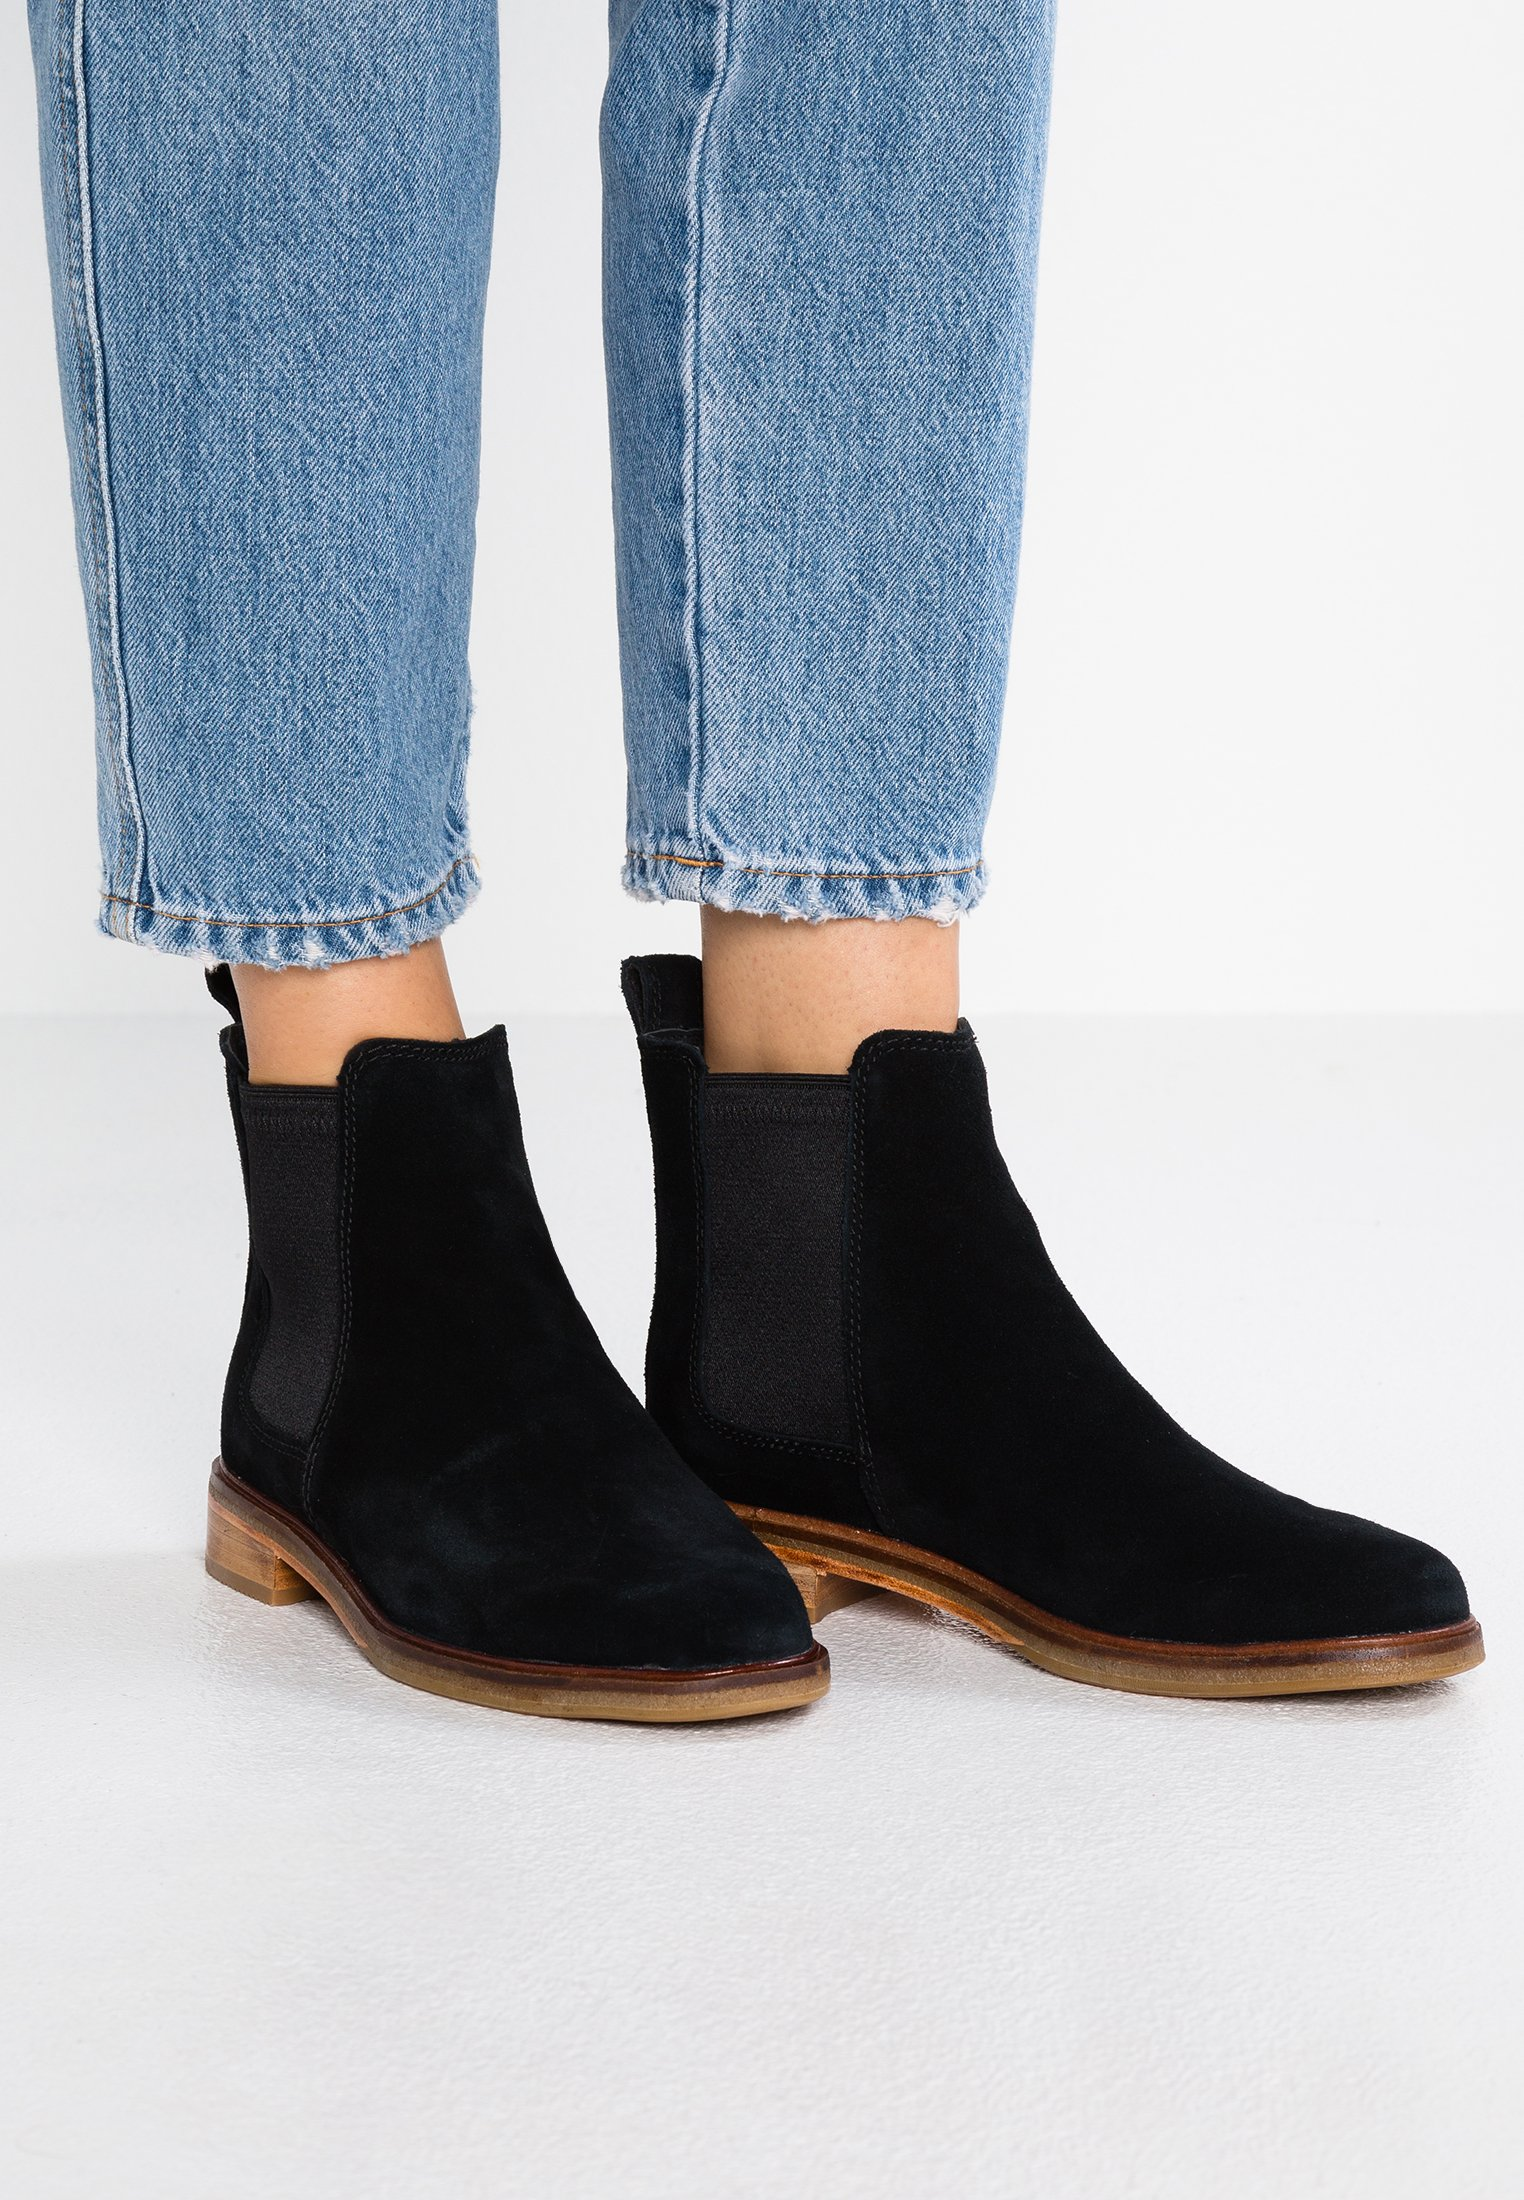 Clarks Clarkdale Arlo Dames Zwart Schoenen kopen